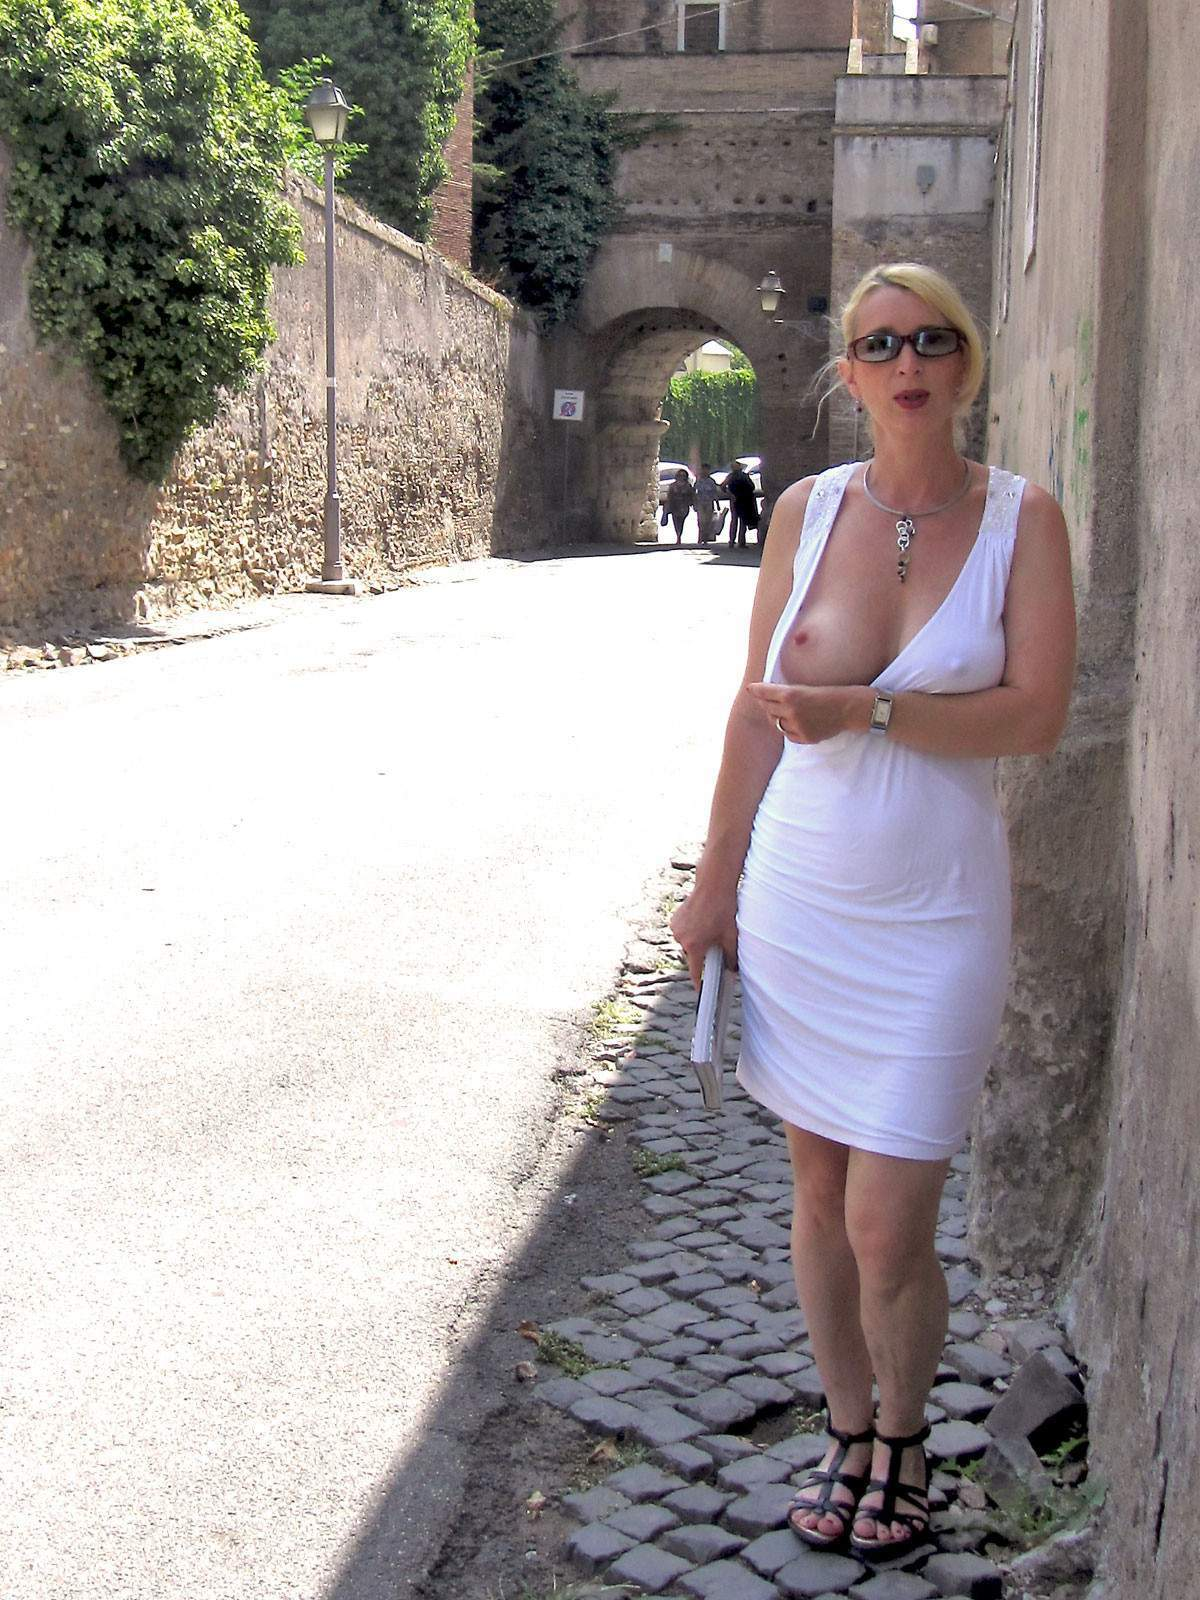 http://img24.rajce.idnes.cz/d2402/13/13133/13133717_9c6391c5702f90347cd7f2ea12218ba5/images/210.jpg